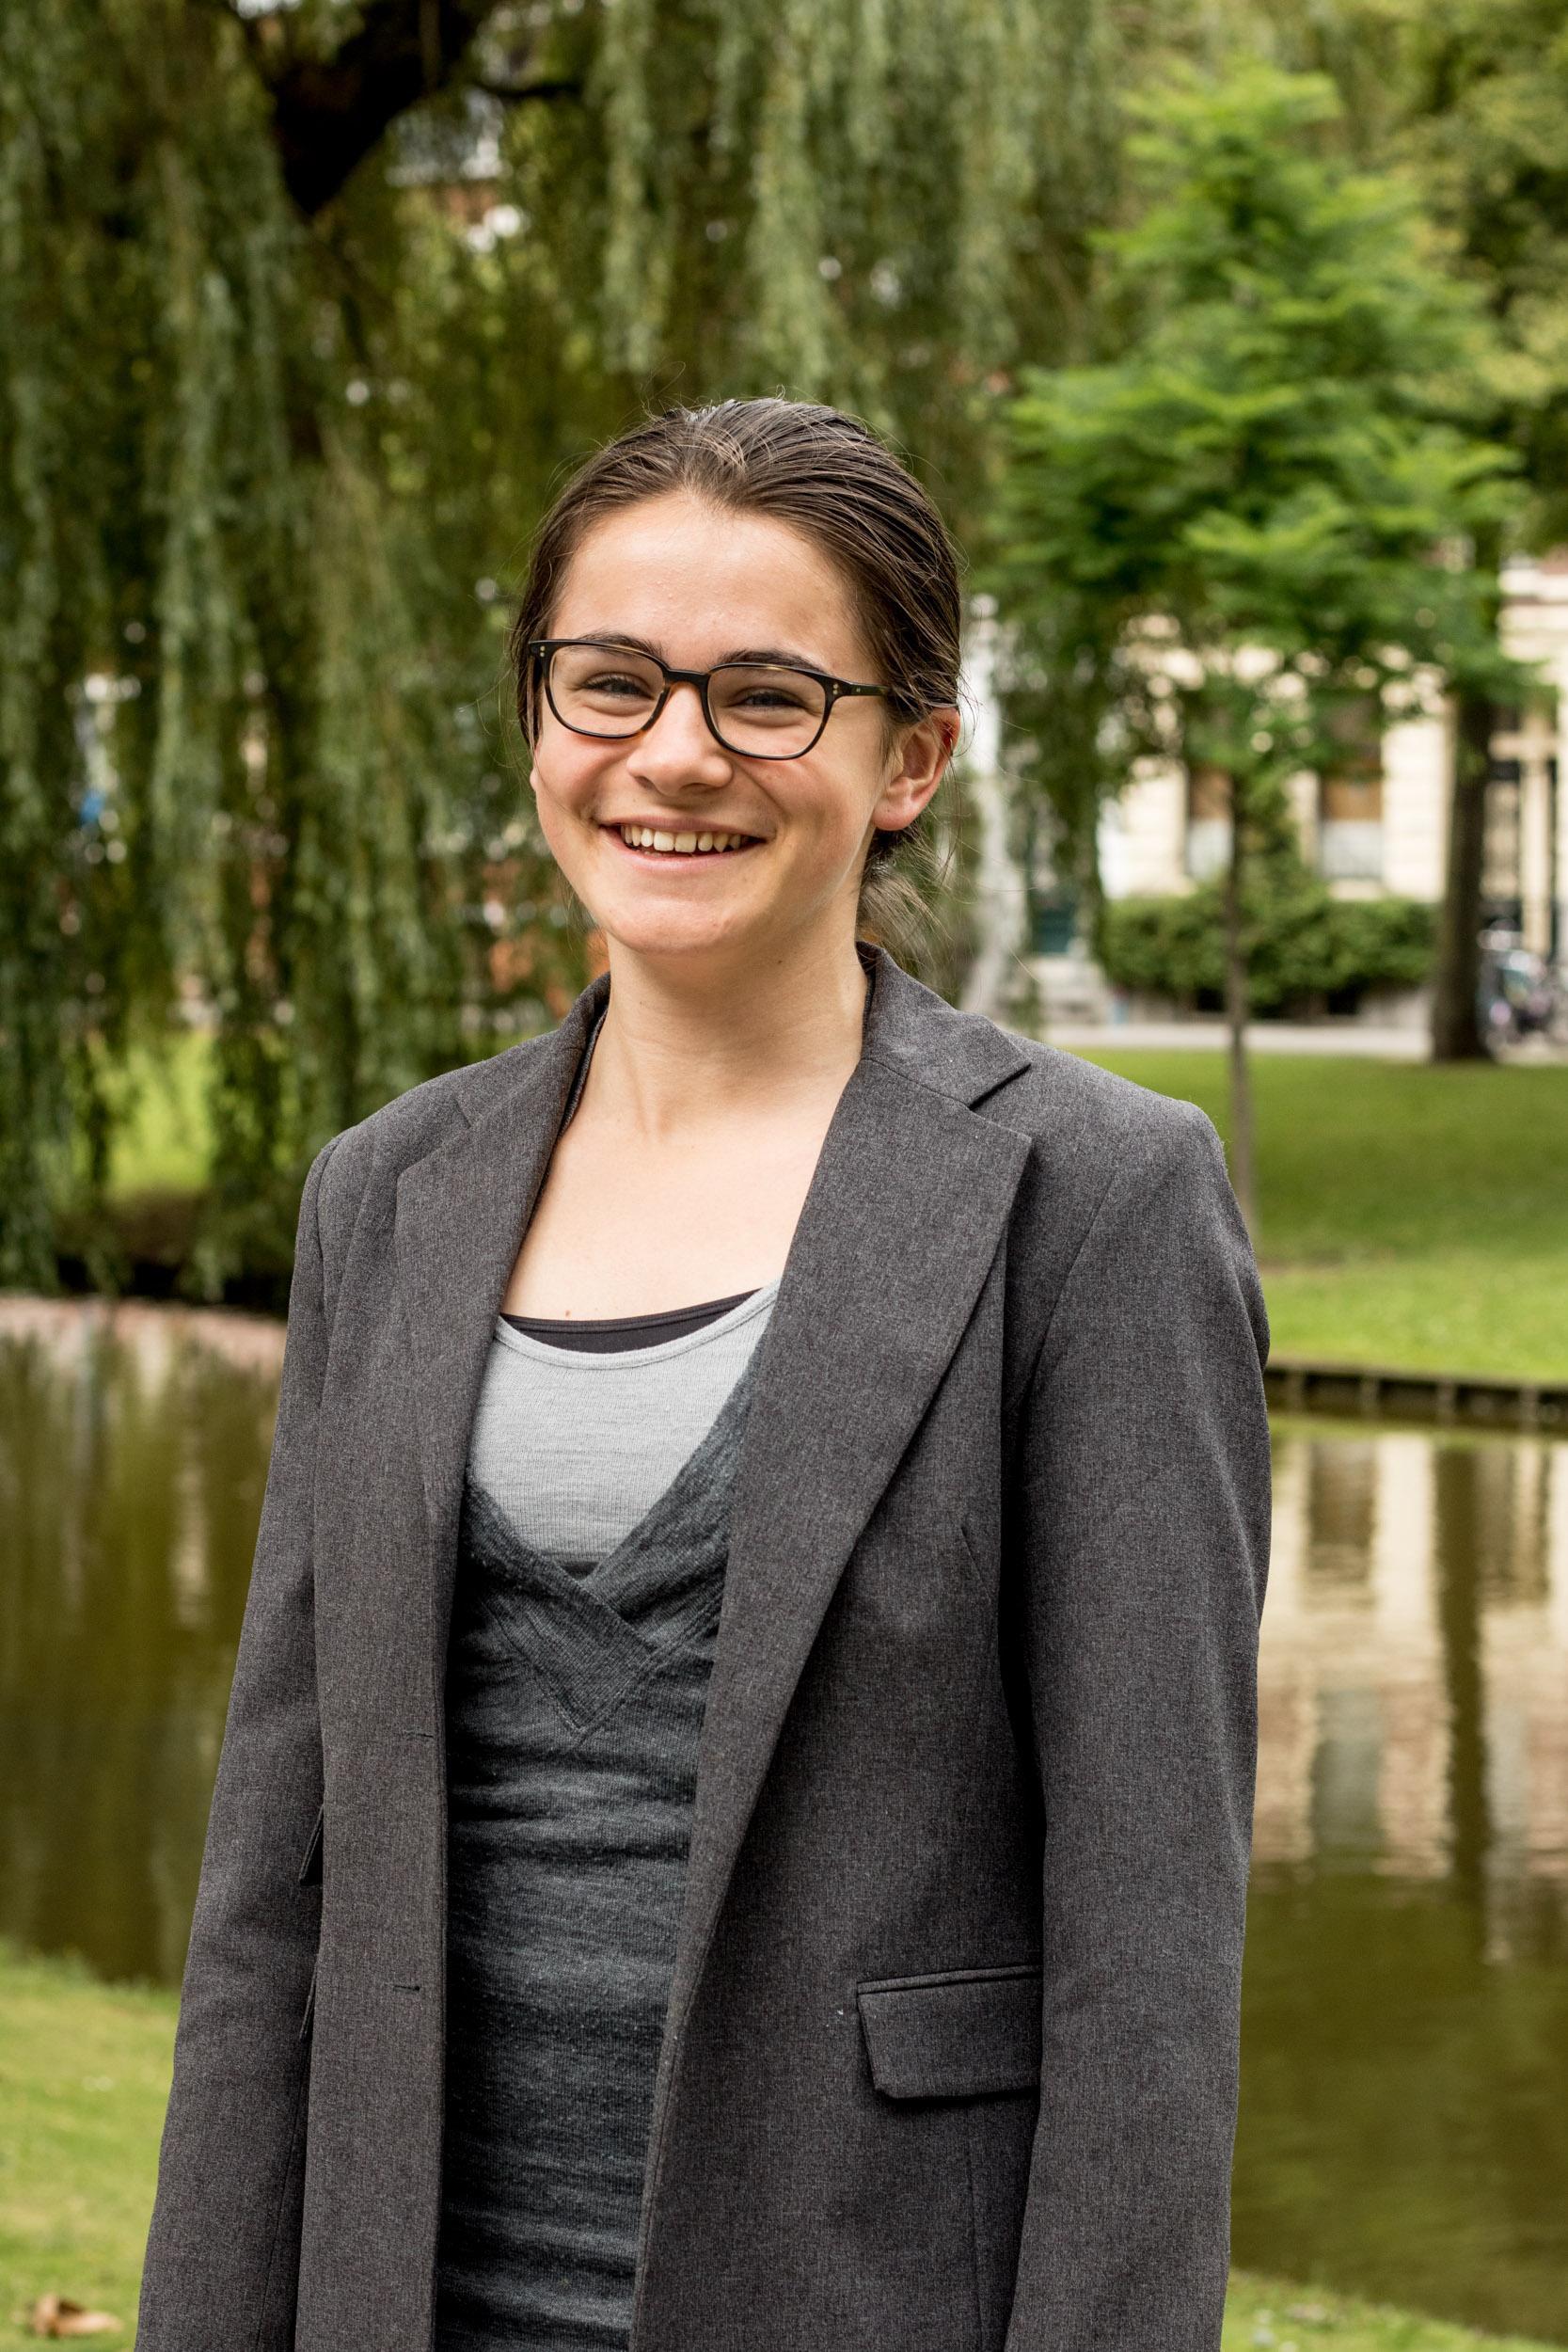 Zina Janssen